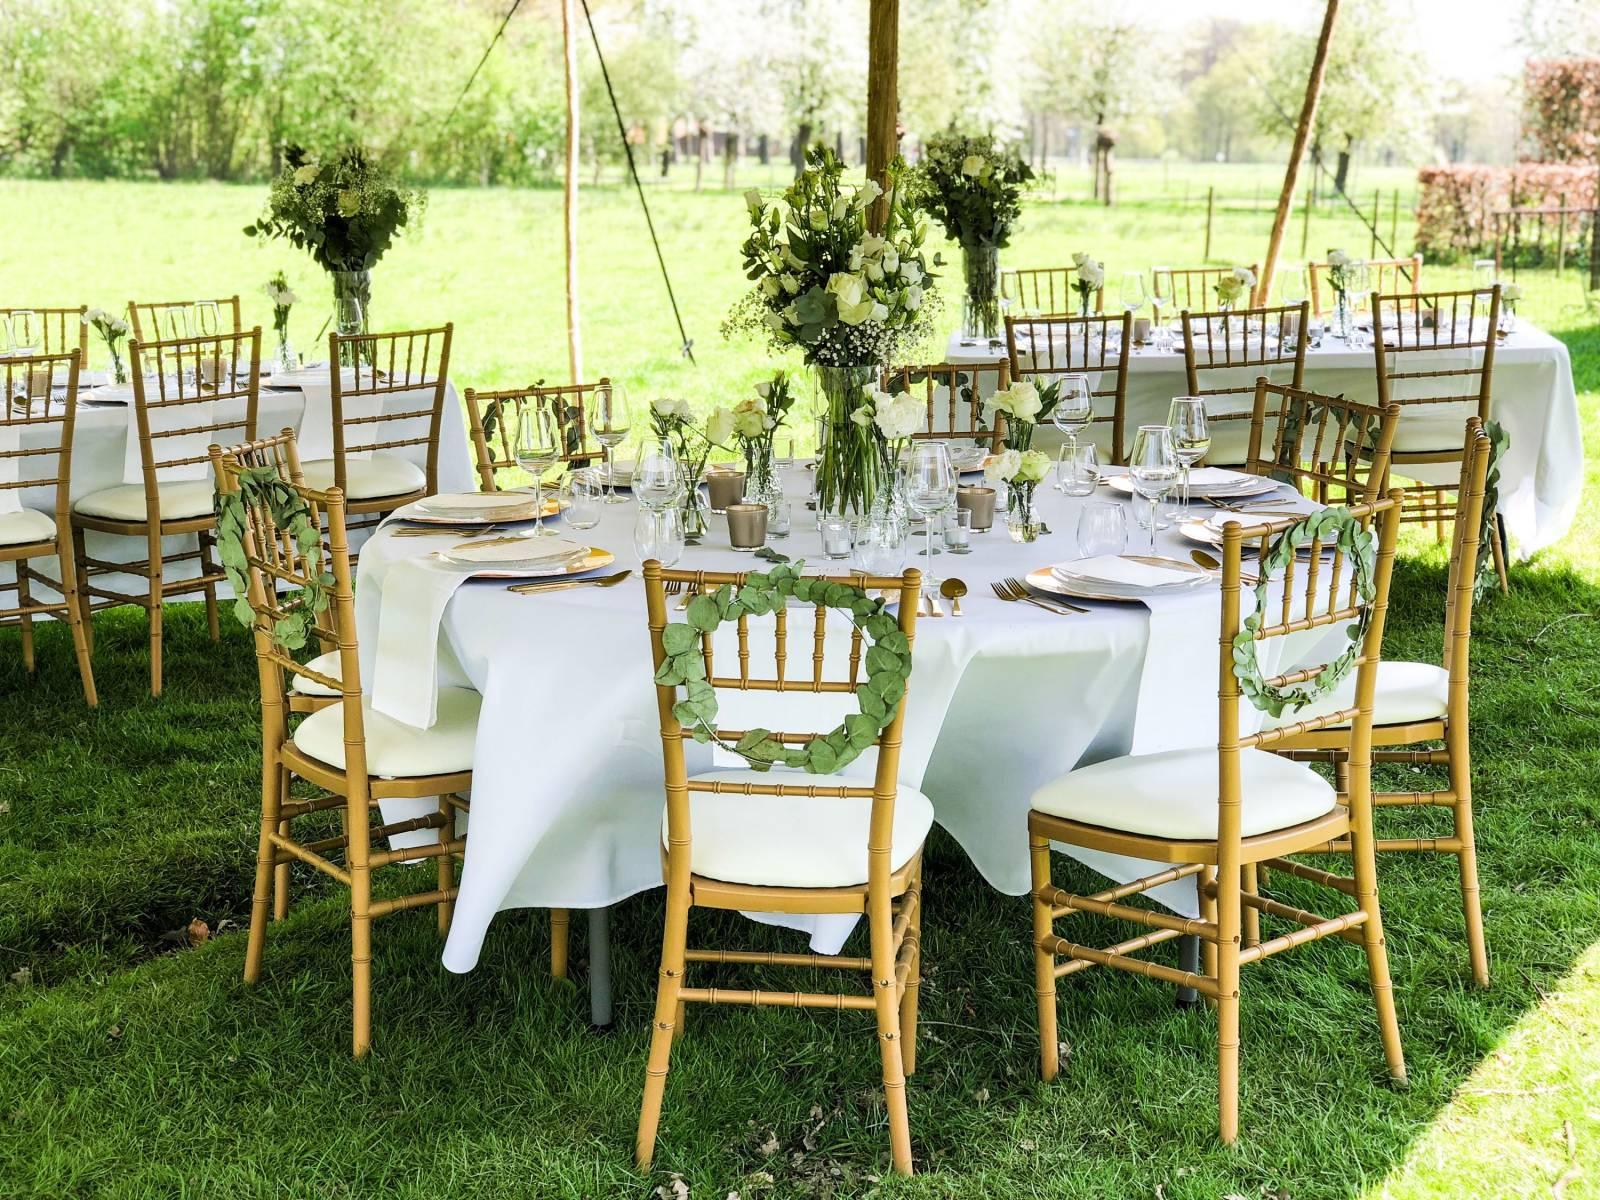 In Style Styling & Decoraties - Trouwdecoratie - Verhuurbedrijf - Wedding Design - House of Weddings - 5